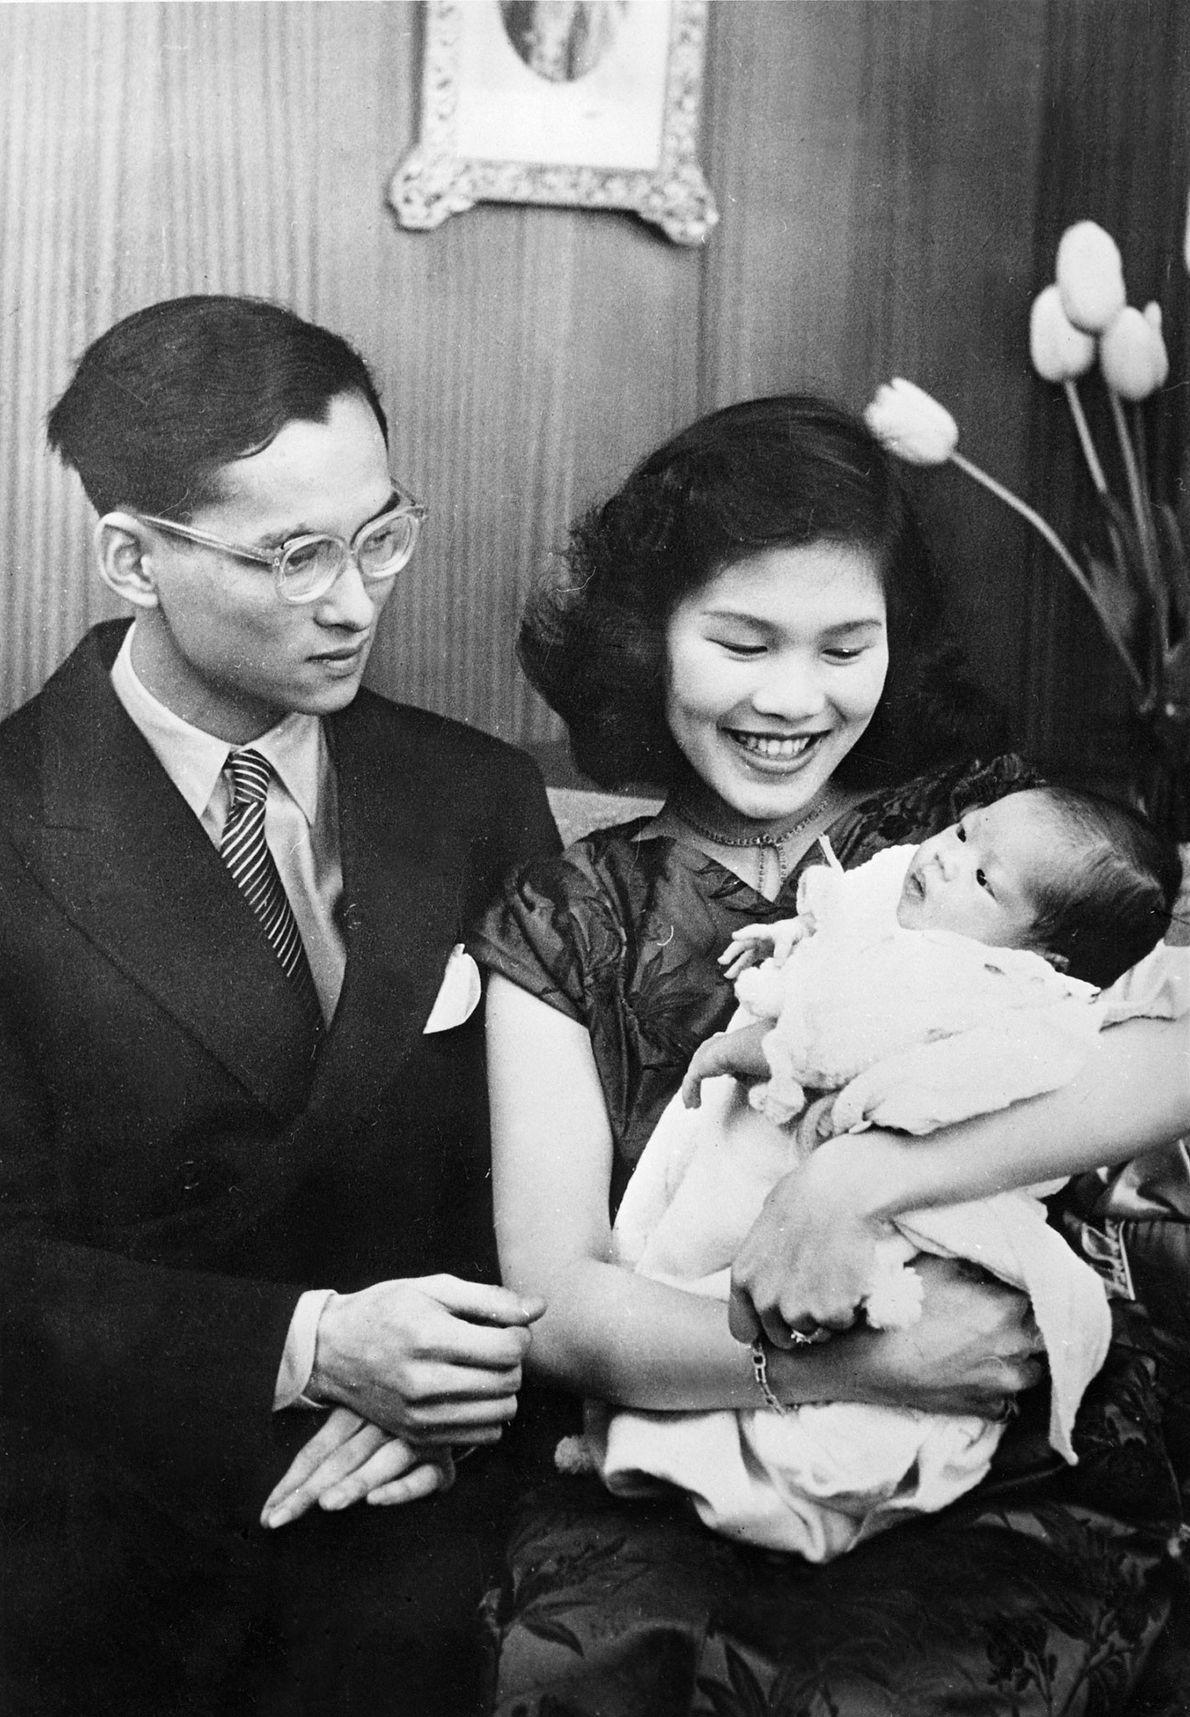 O rei da Tailândia, Bhumibol Adulyadej, com a sua esposa, a princesa Sirikit, e a filha ...